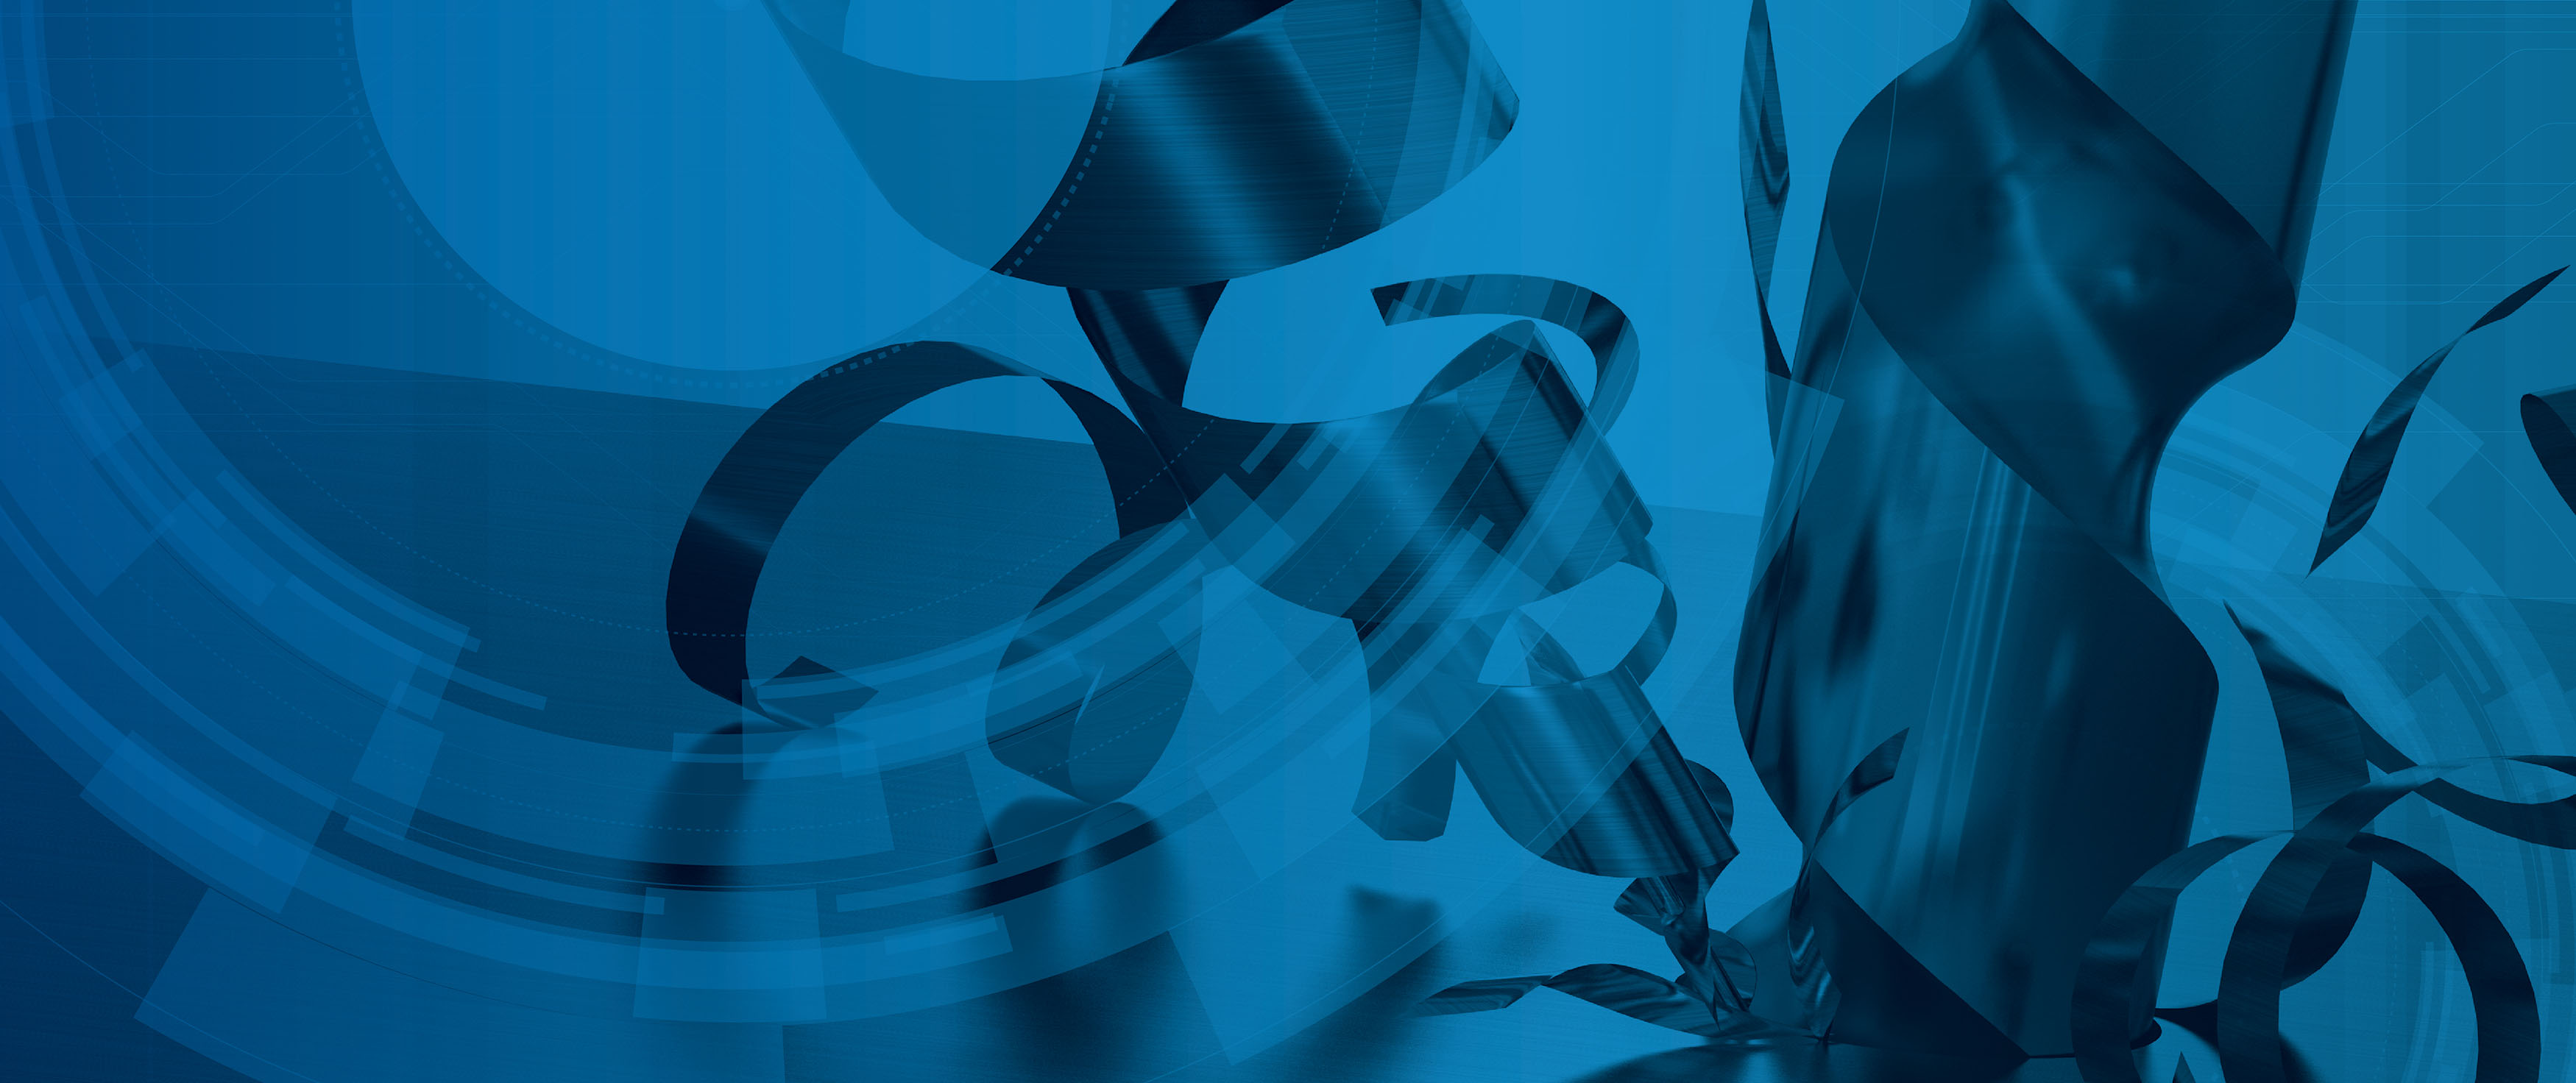 Bei ERLO Group sind wir spezialisiert auf Bohr-, Gewindeschneid- und Fräsmaschinen für den industriellen Einsatz.